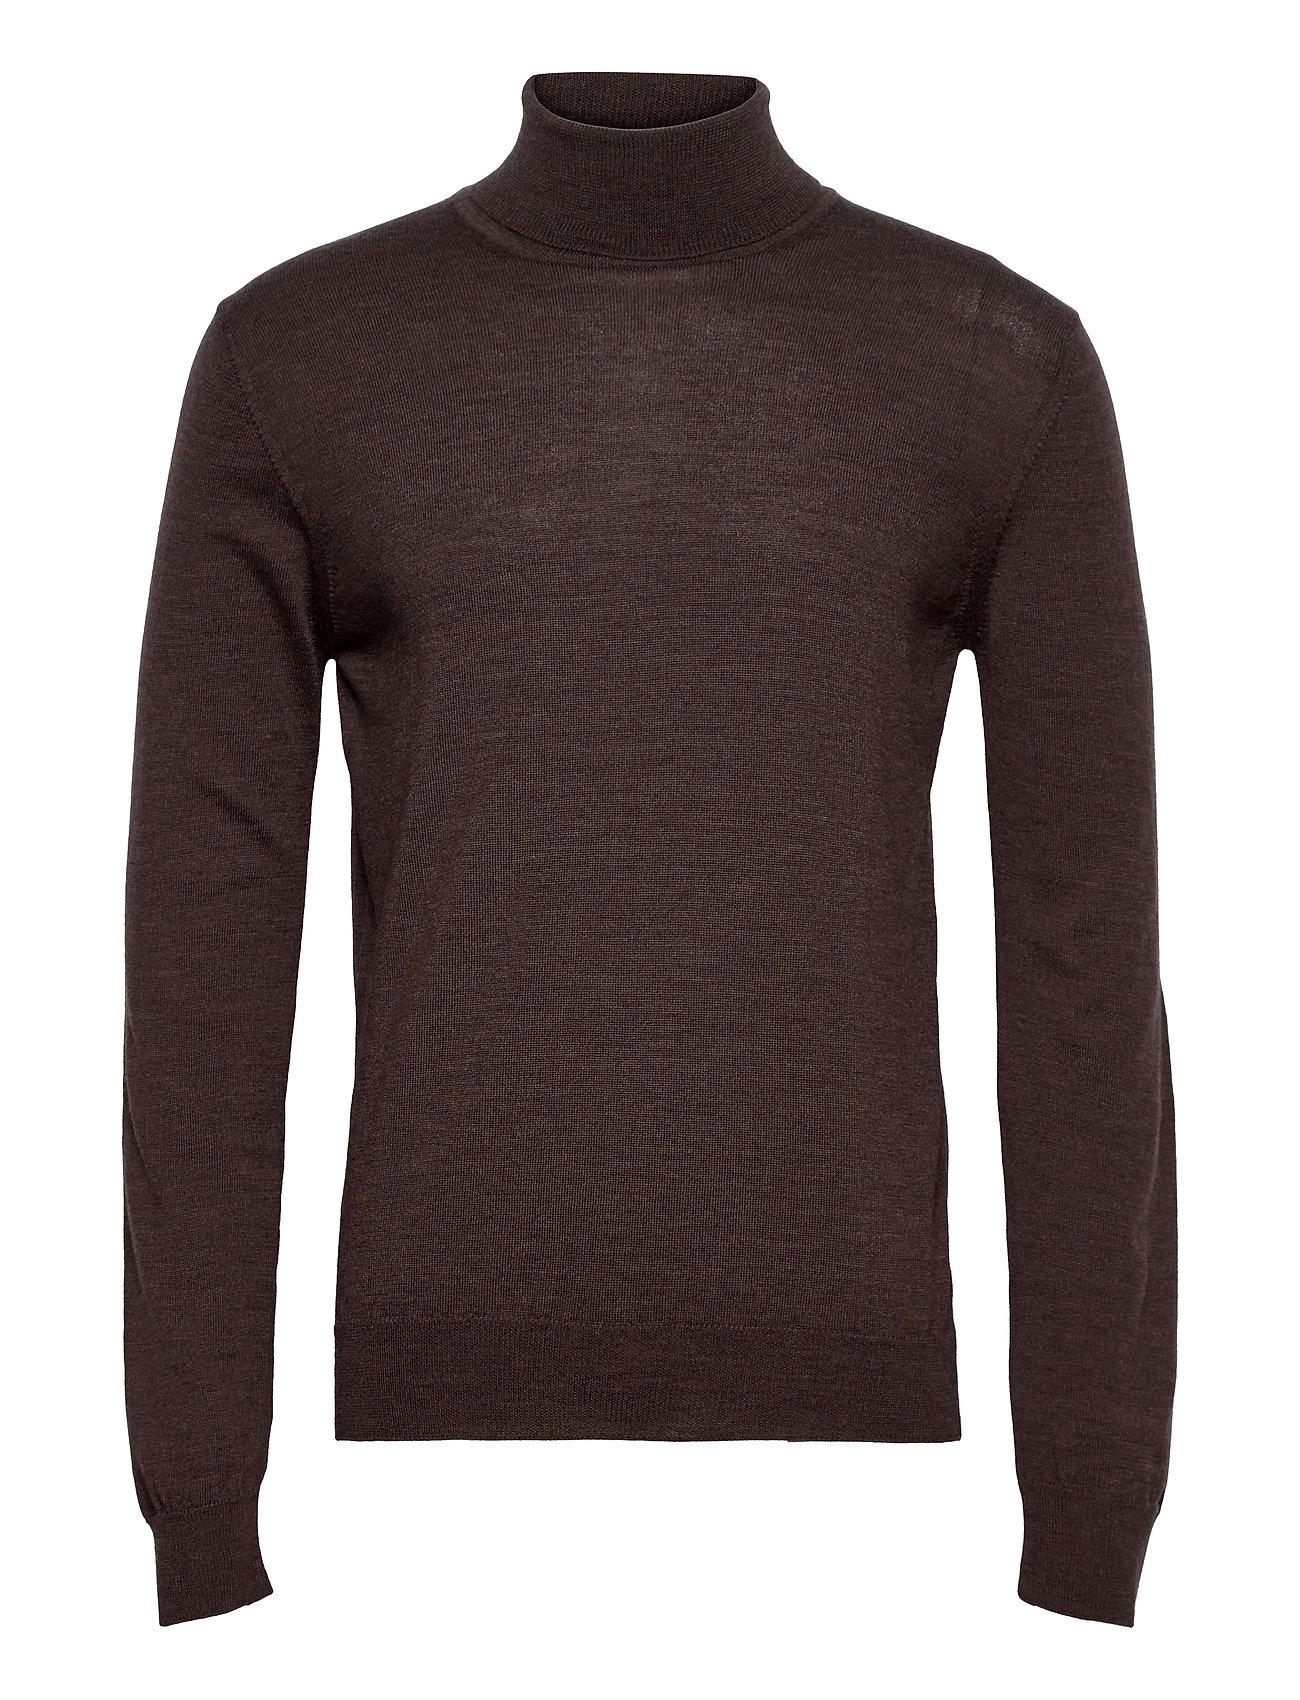 Lyd Merino Turtleneck Sweater Knitwear Turtlenecks Brun J. Lindeberg